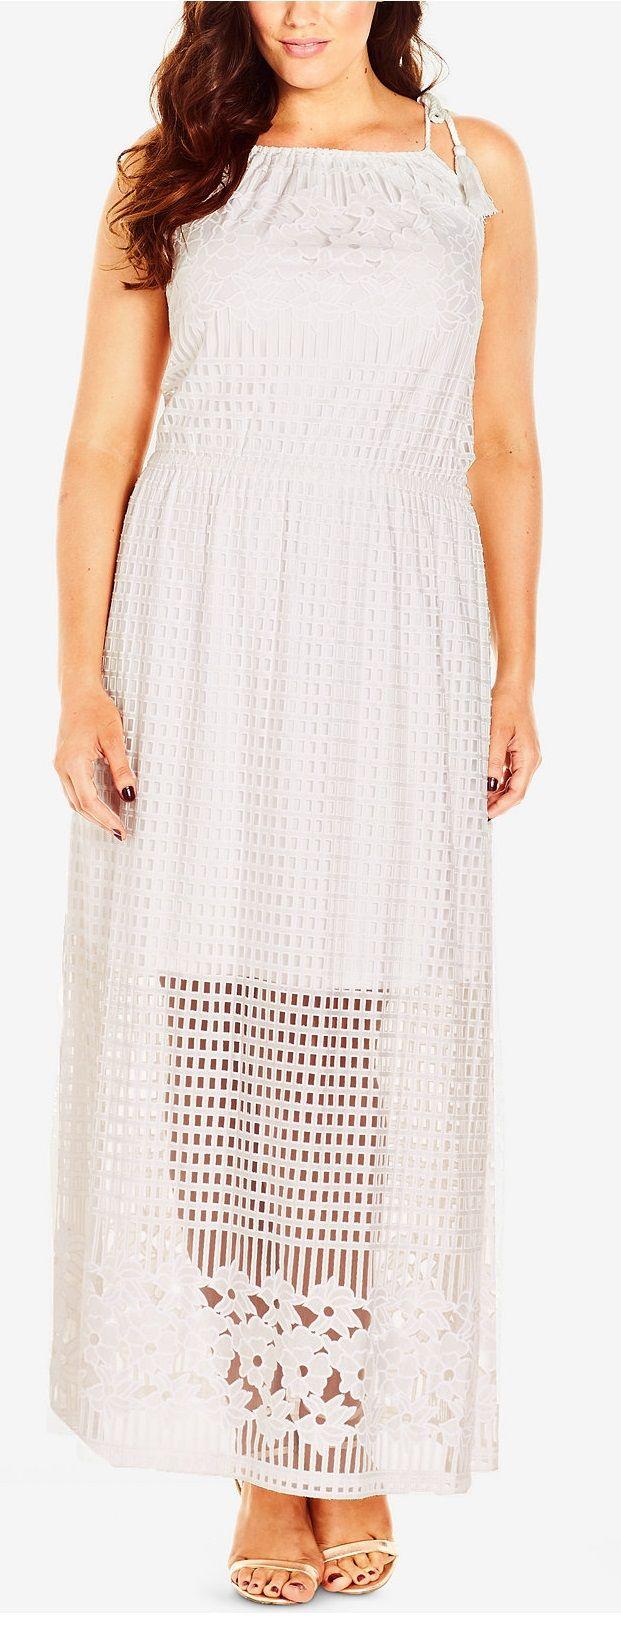 Plus Size Tie-Strap Illusion Maxi Dress | Chic maxi ...